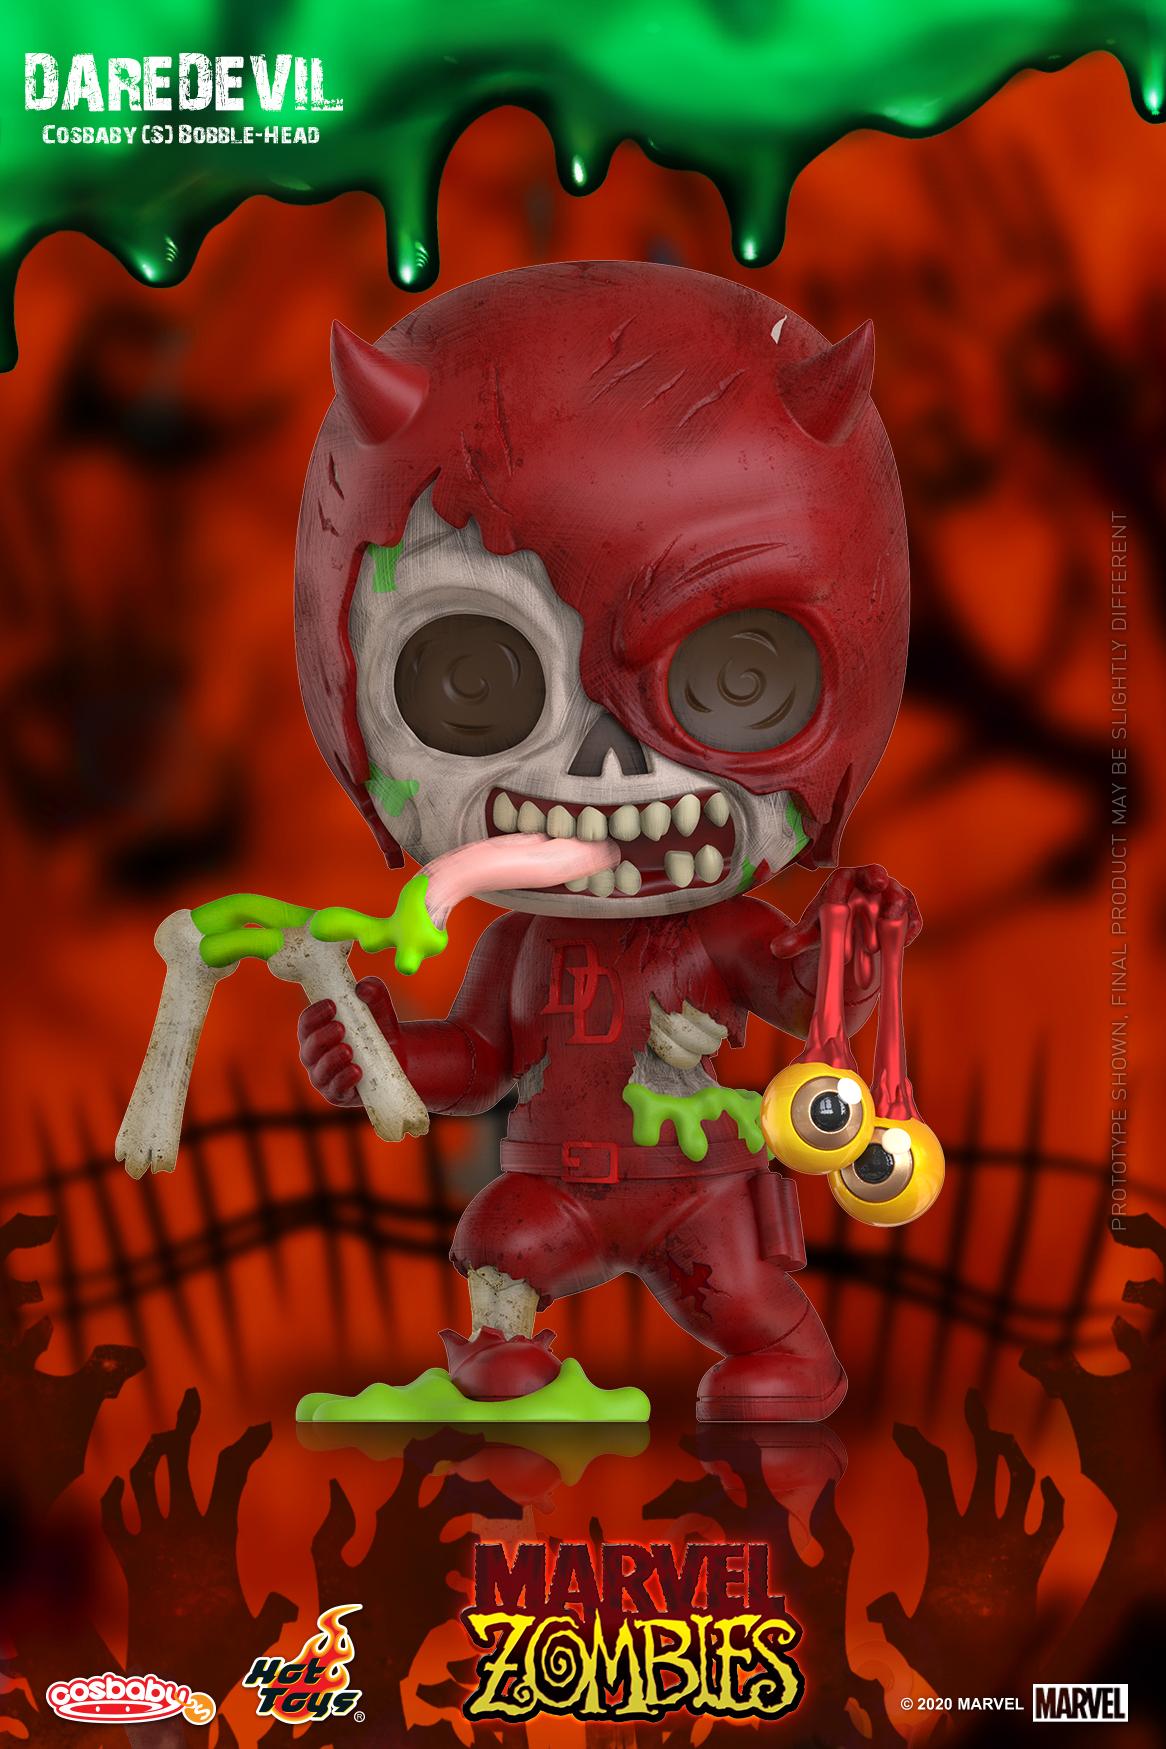 Hot Toys - Marvel Zombie - Daredevil Cosbaby (S)_PR1